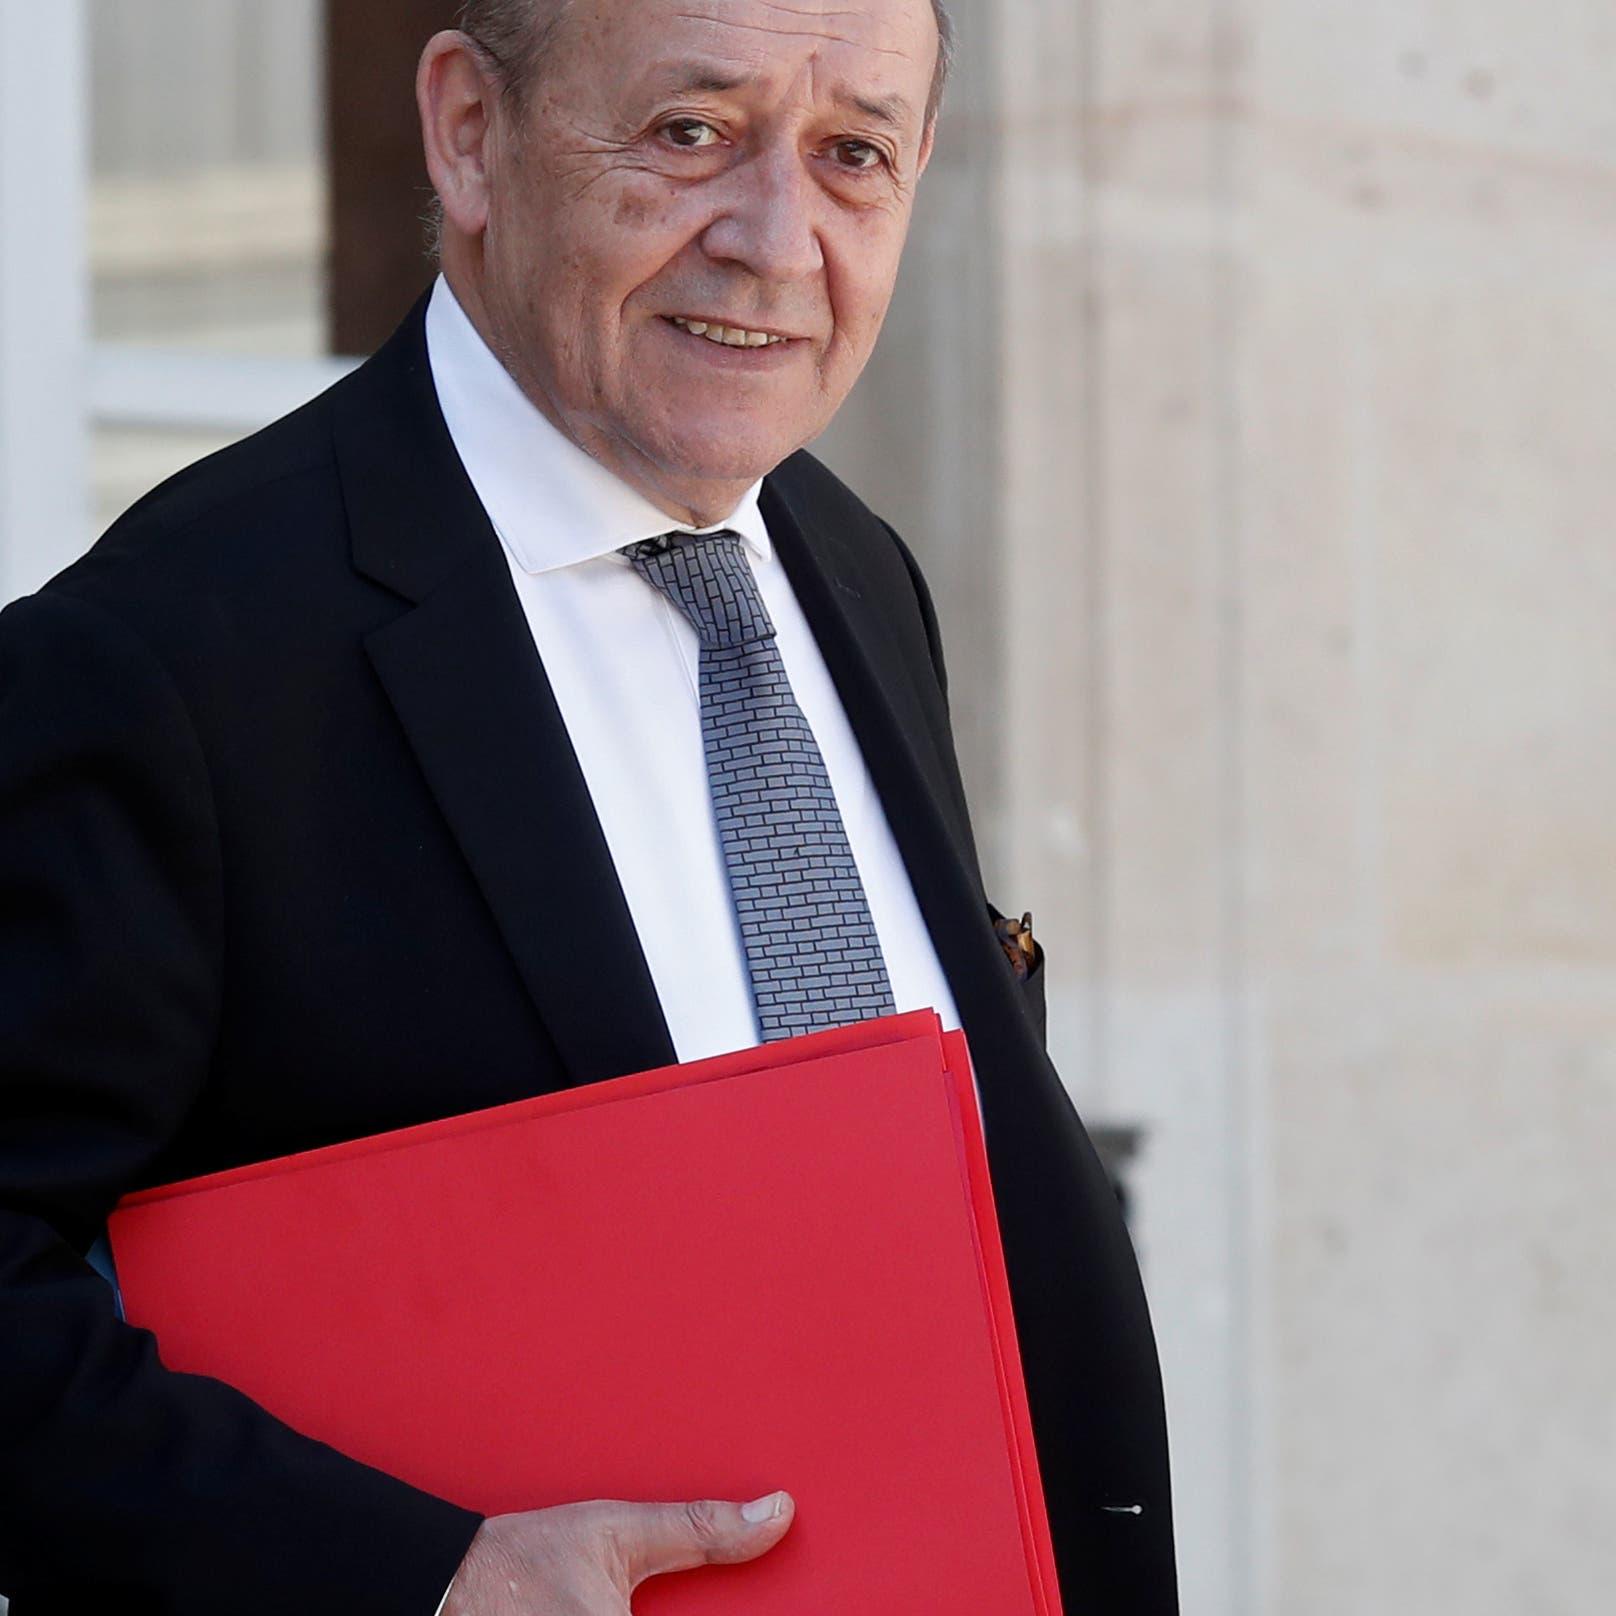 فرنسا: تنفيذ الحوثي لهجوم أرامكو